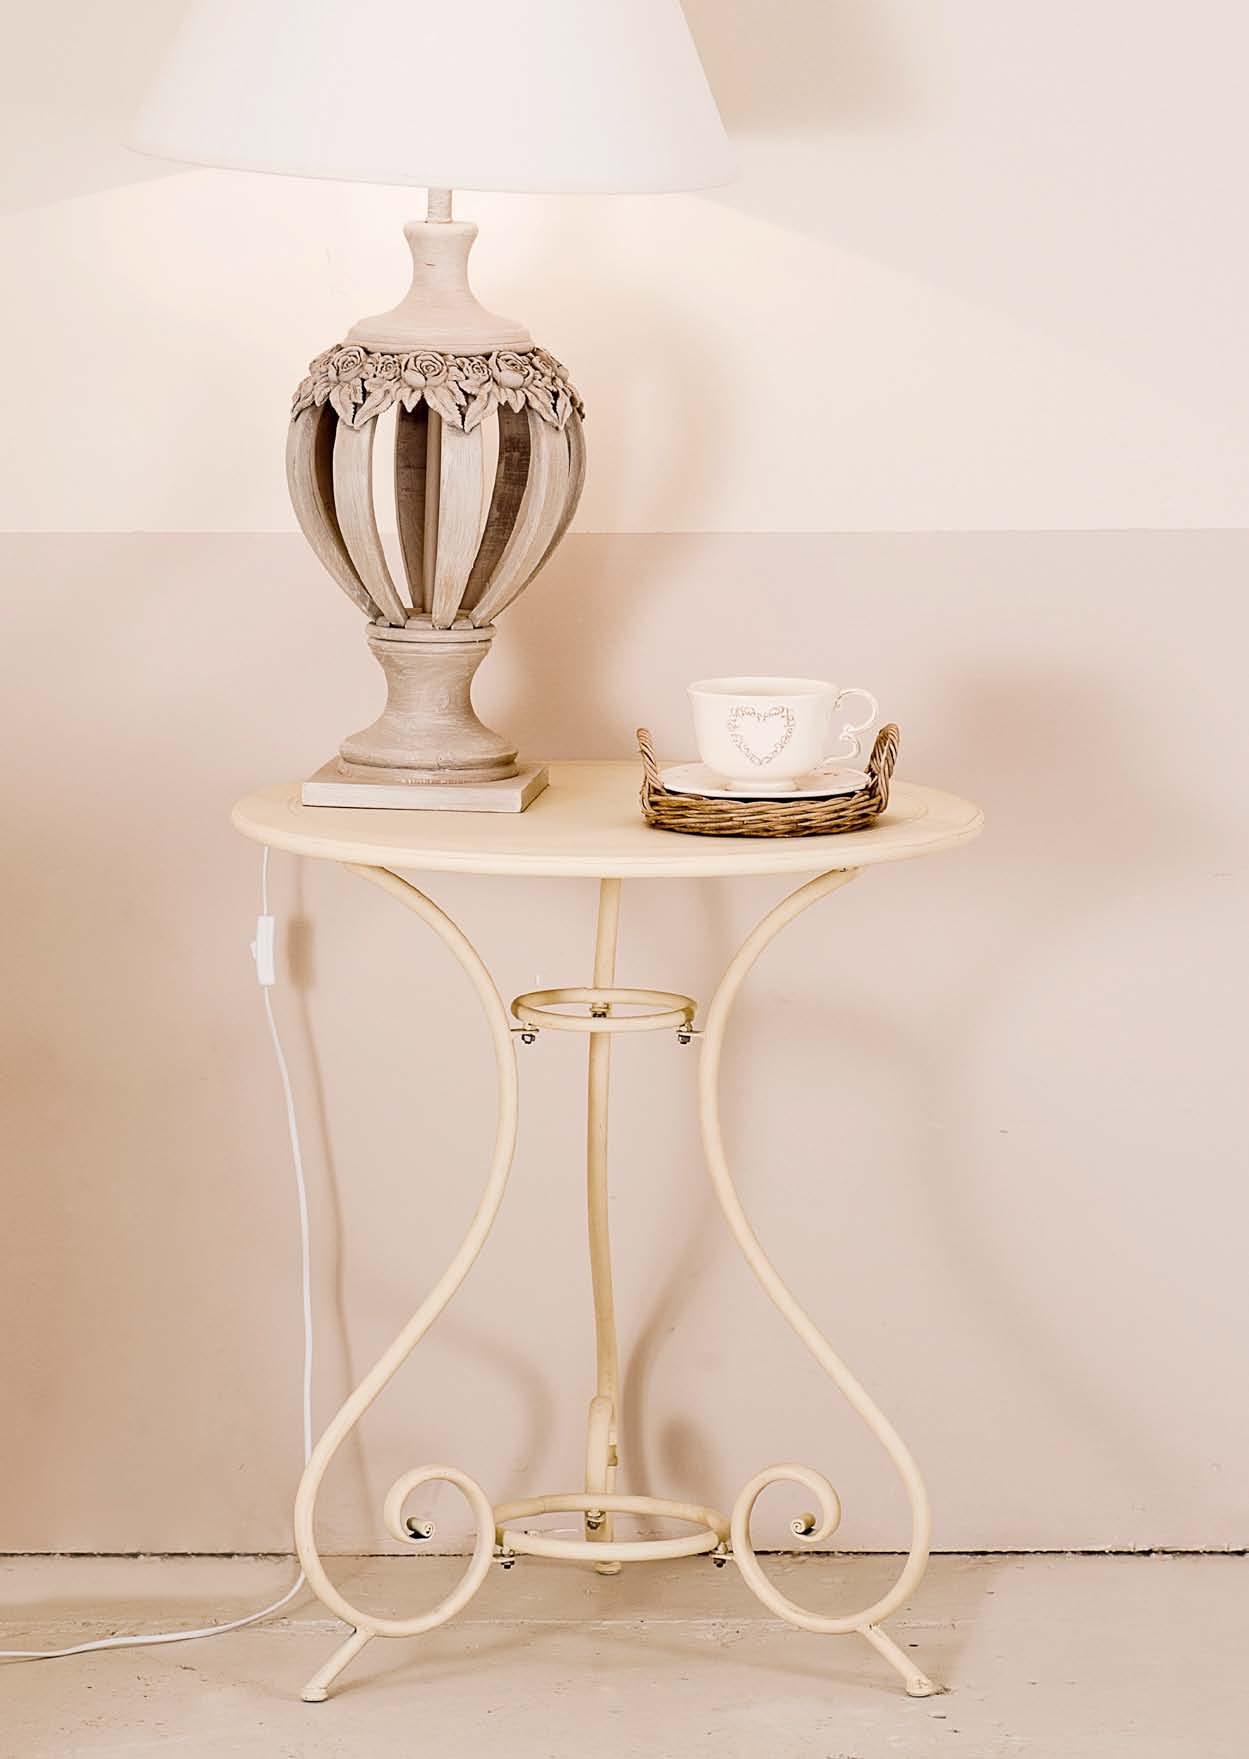 Tavolino provenzale ferro battuto bianco Outlet mobili etnici